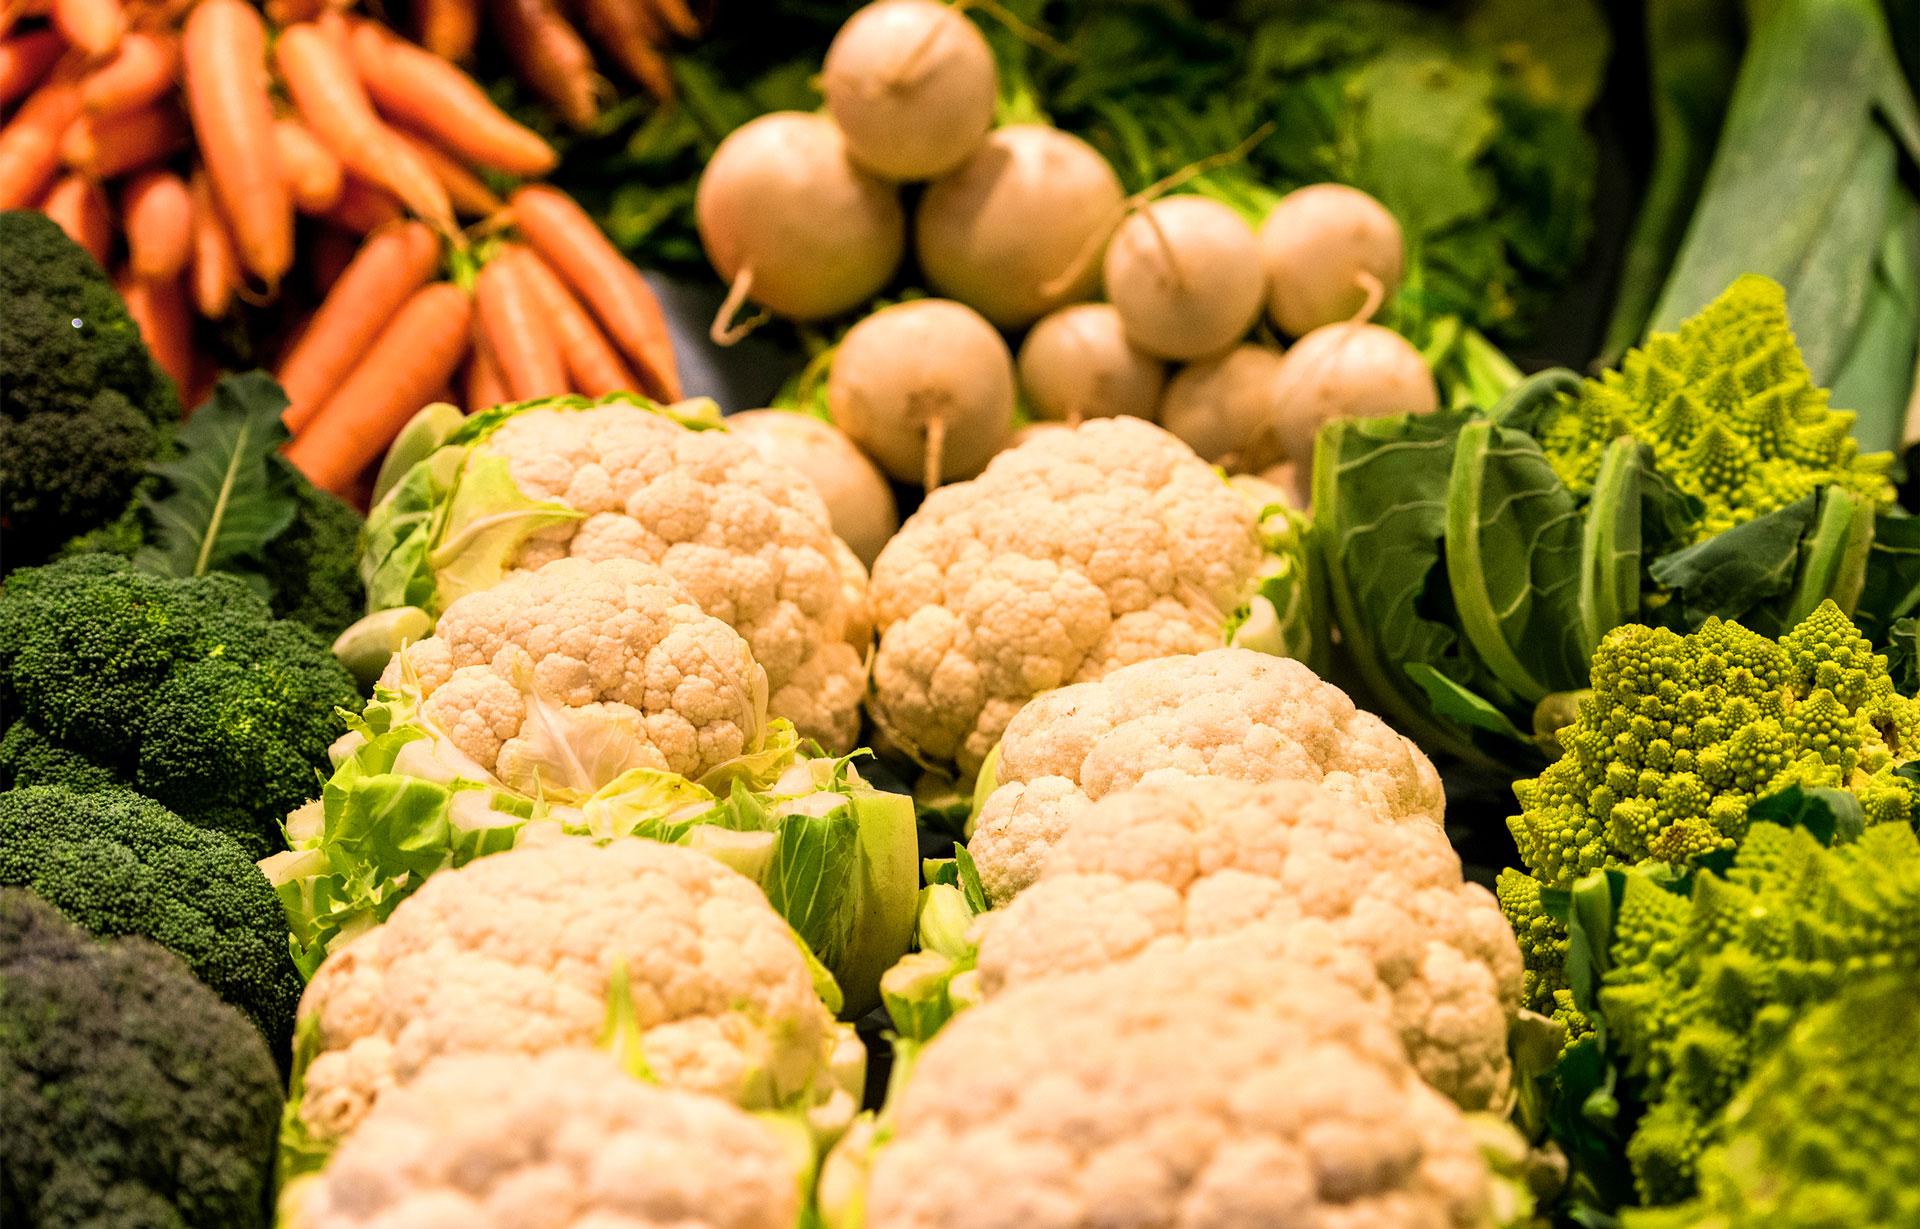 Küchengeschäft Hamburg mercado einkaufen in altona